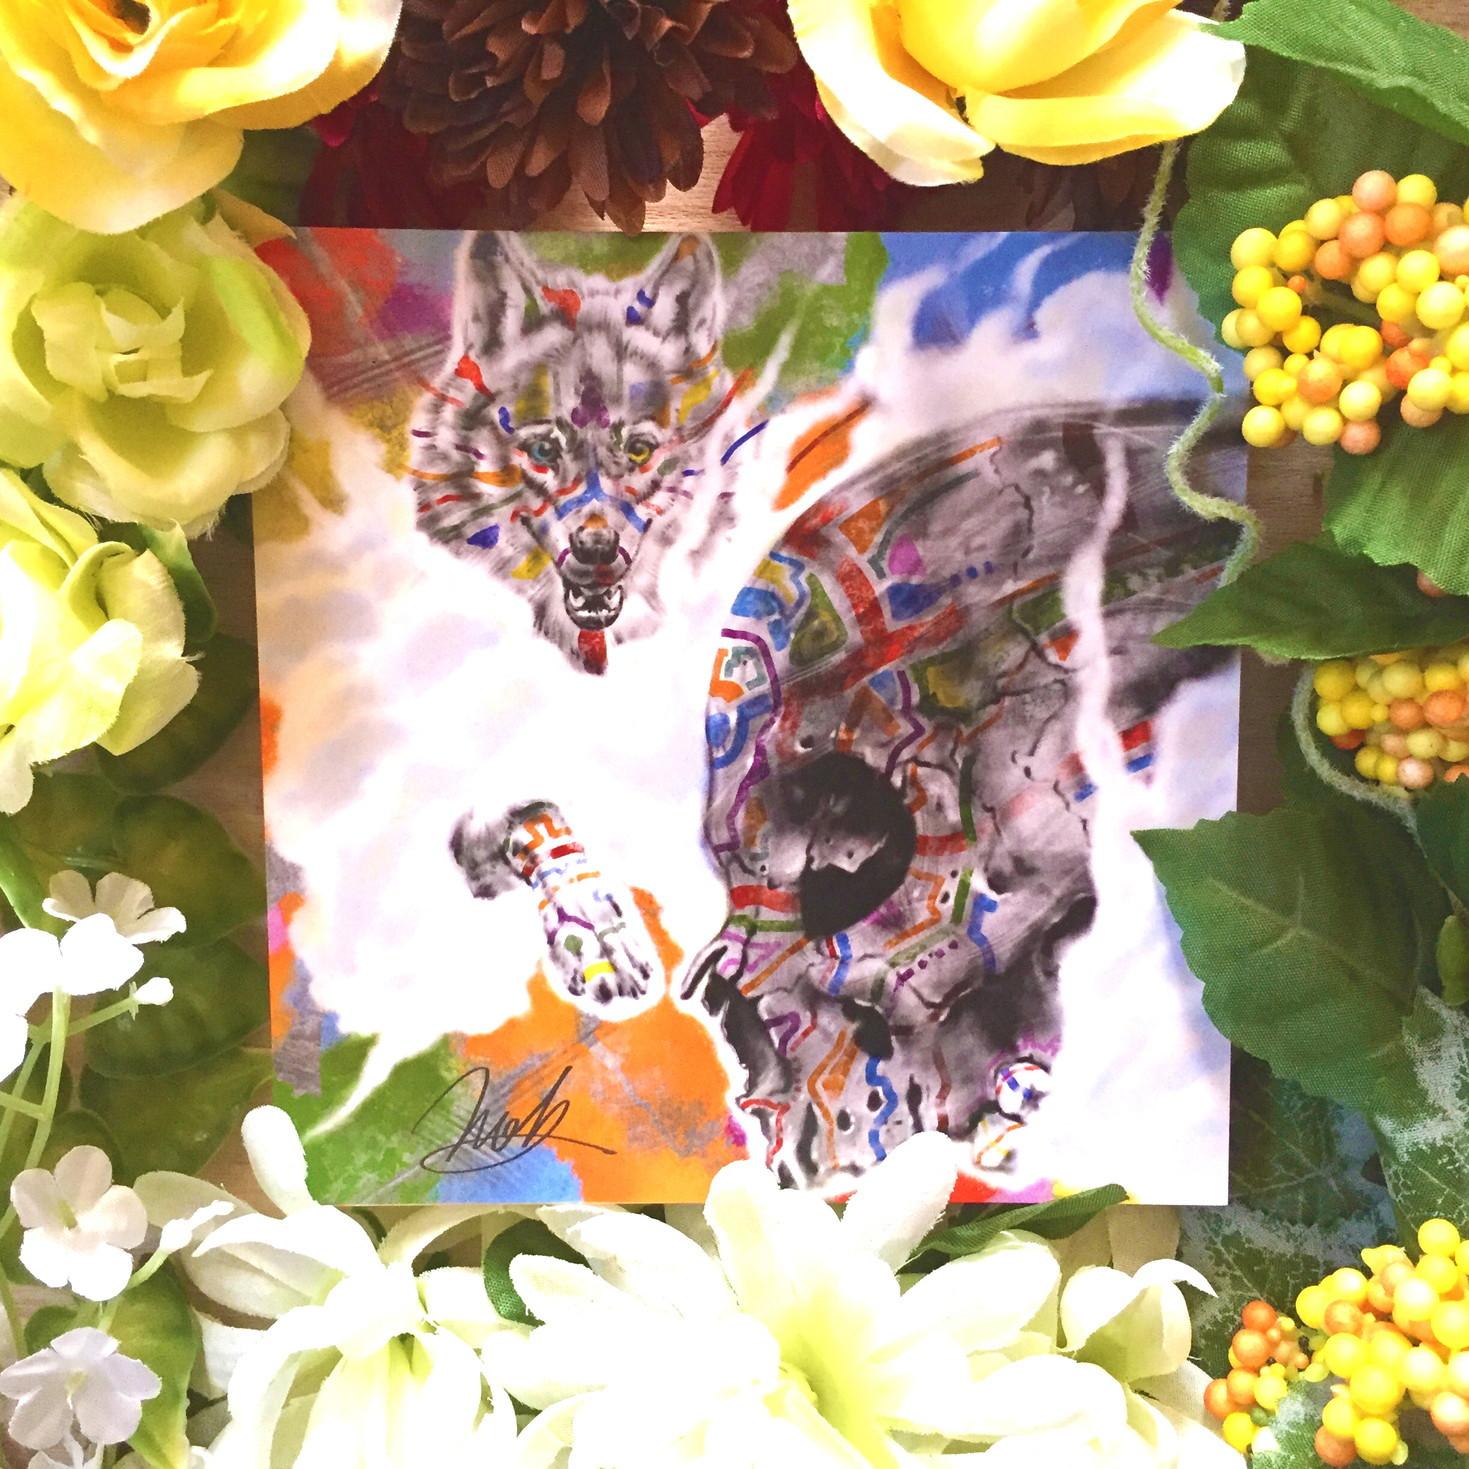 絵画 インテリア アートパネル 雑貨 壁掛け 置物 おしゃれ 髑髏 ドクロ 現代アート ロココロ 画家 : nob 作品 :  L&D03